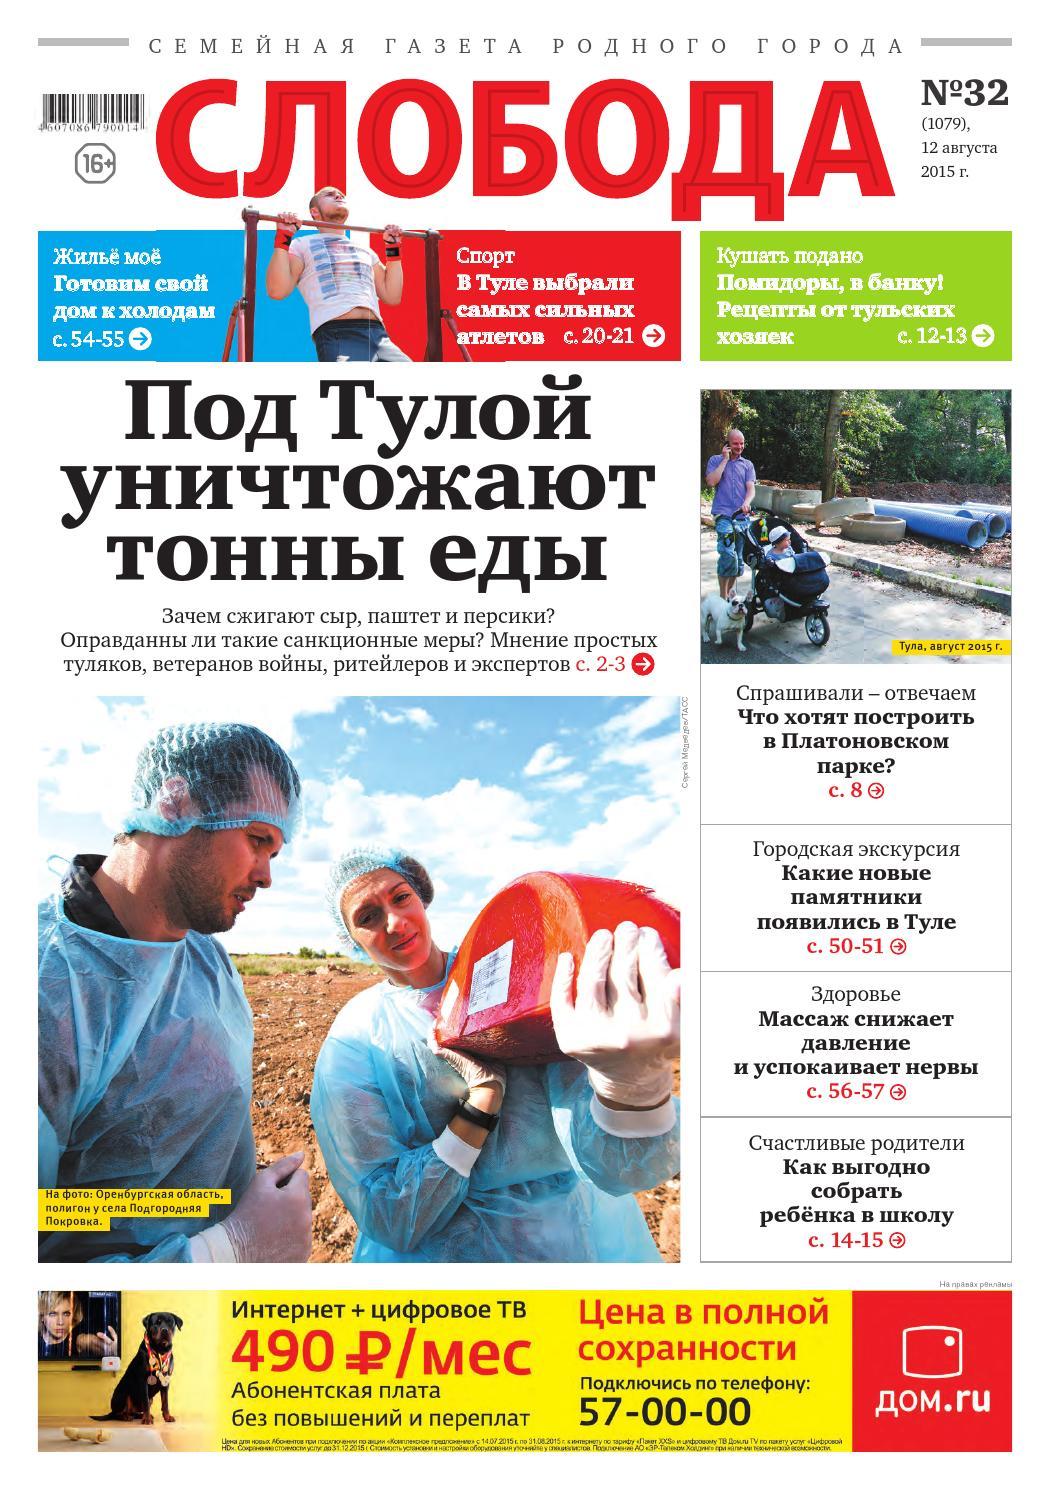 Слобода №32 (1079)  Под Тулой уничтожают тонны еды by Газета